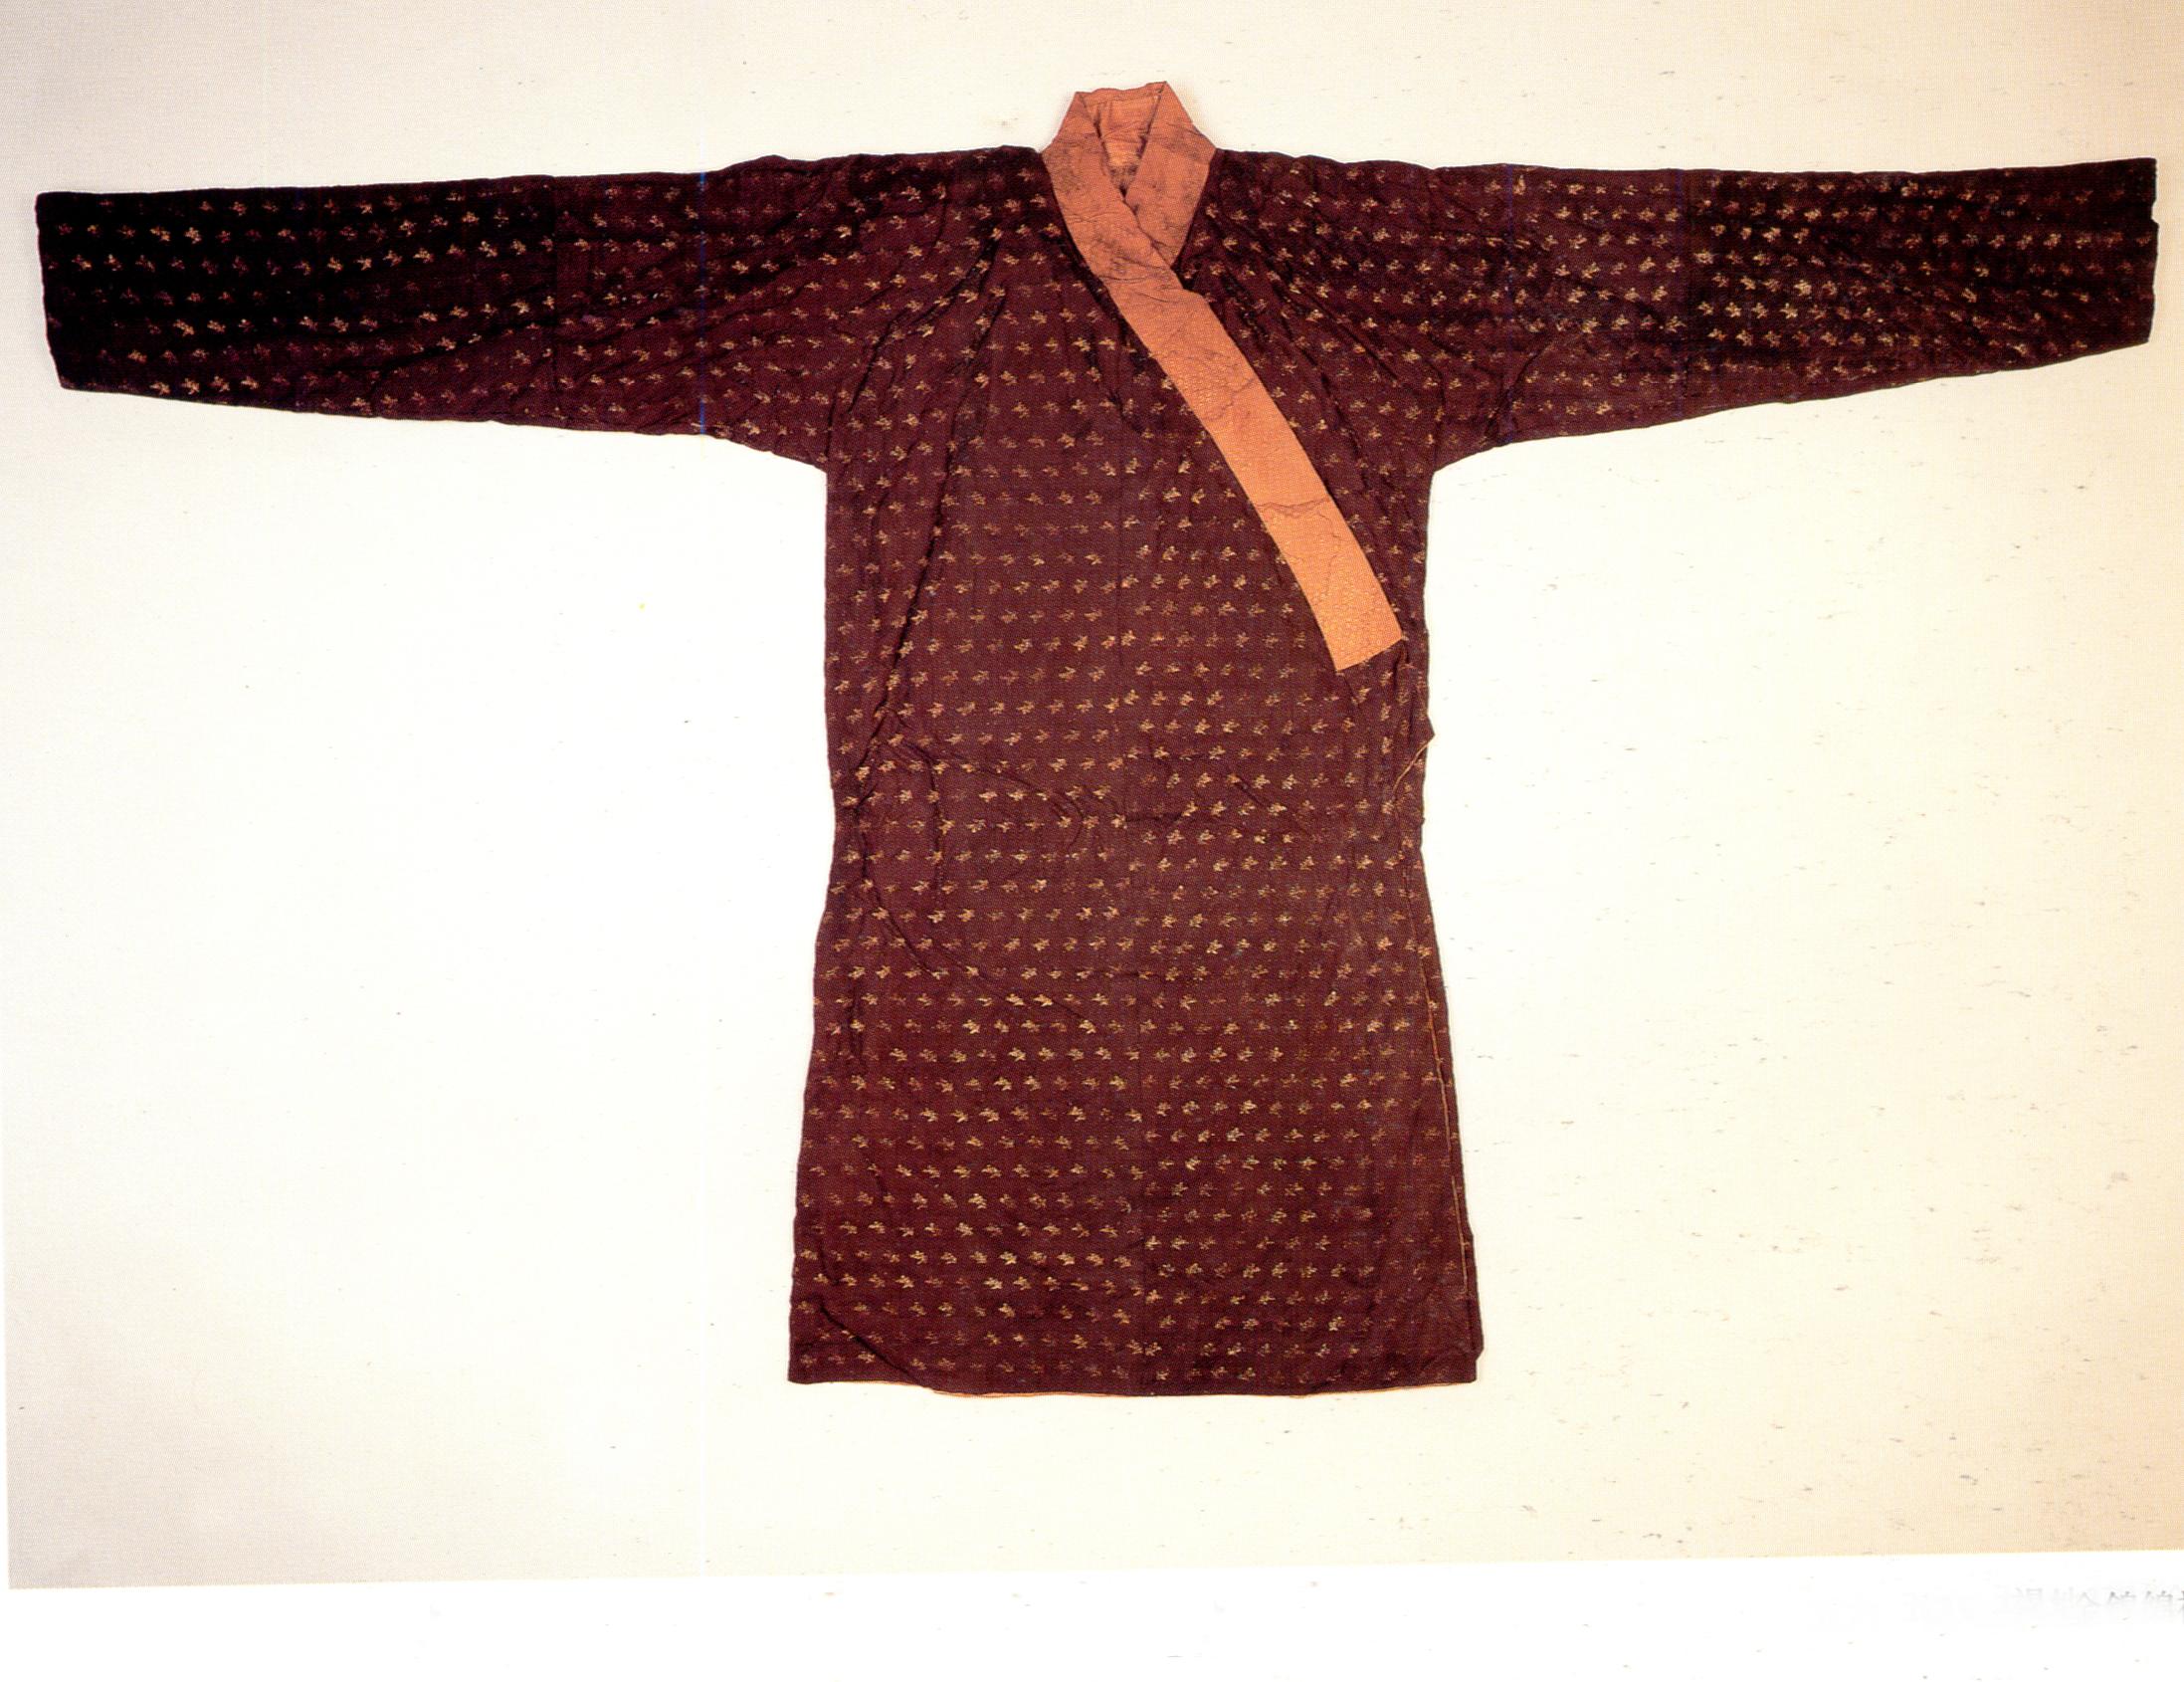 文创设计大赛——金代齐国王墓丝织品服饰